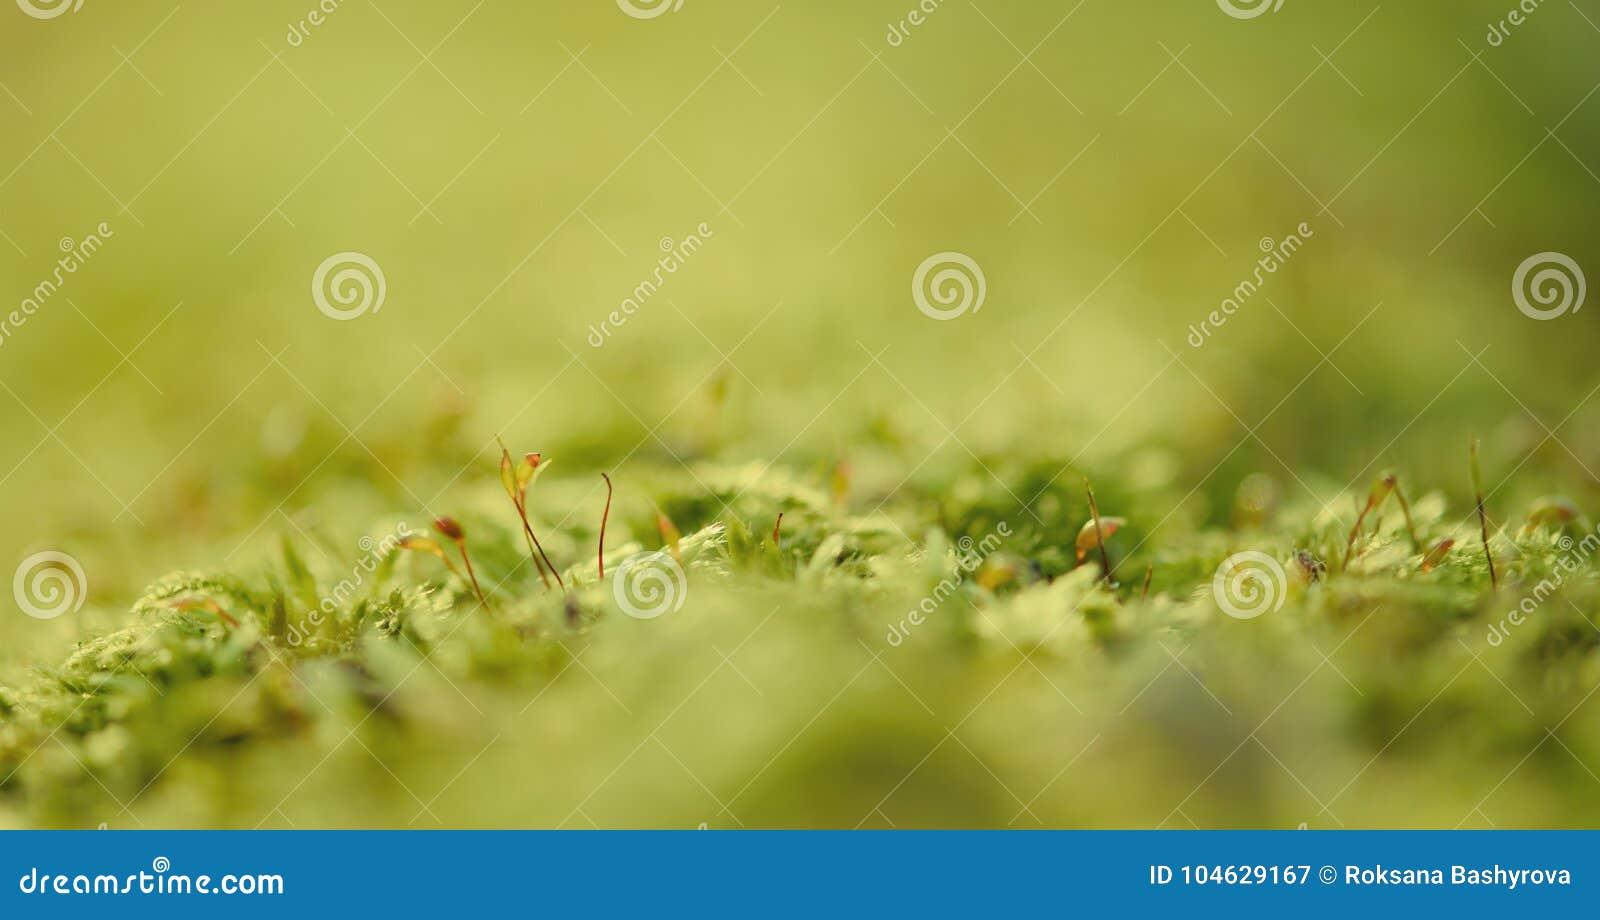 Download Groene mosmacro stock afbeelding. Afbeelding bestaande uit close - 104629167